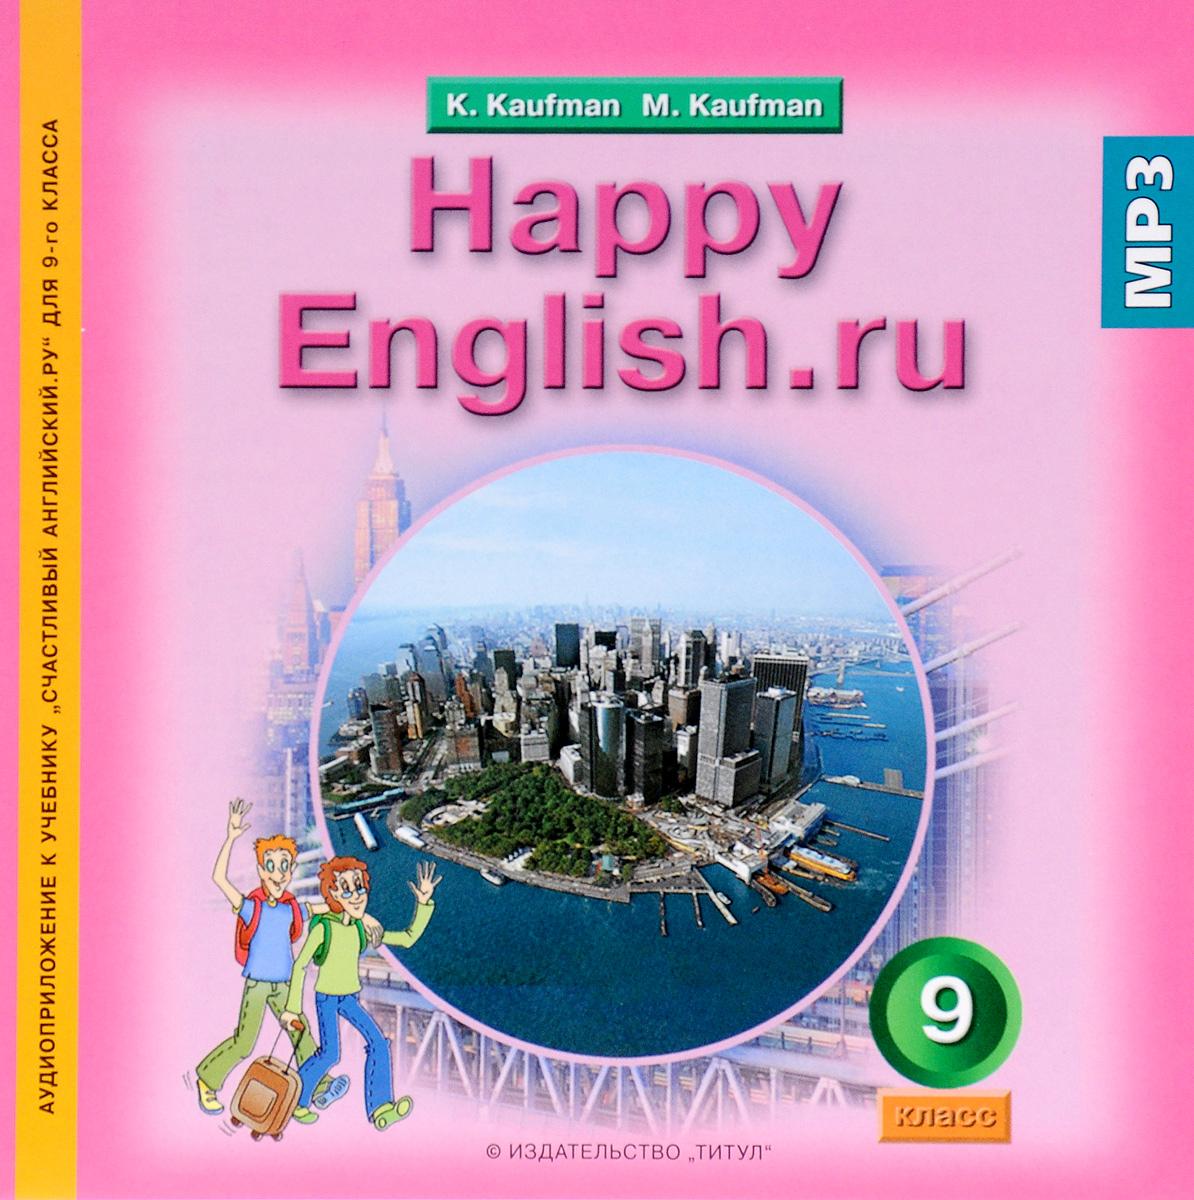 Happy English.ru 9 / Счастливый английский.ру. Английский язык. 9 класс. Электронное учебное пособие английский язык для педагогов учебное пособие